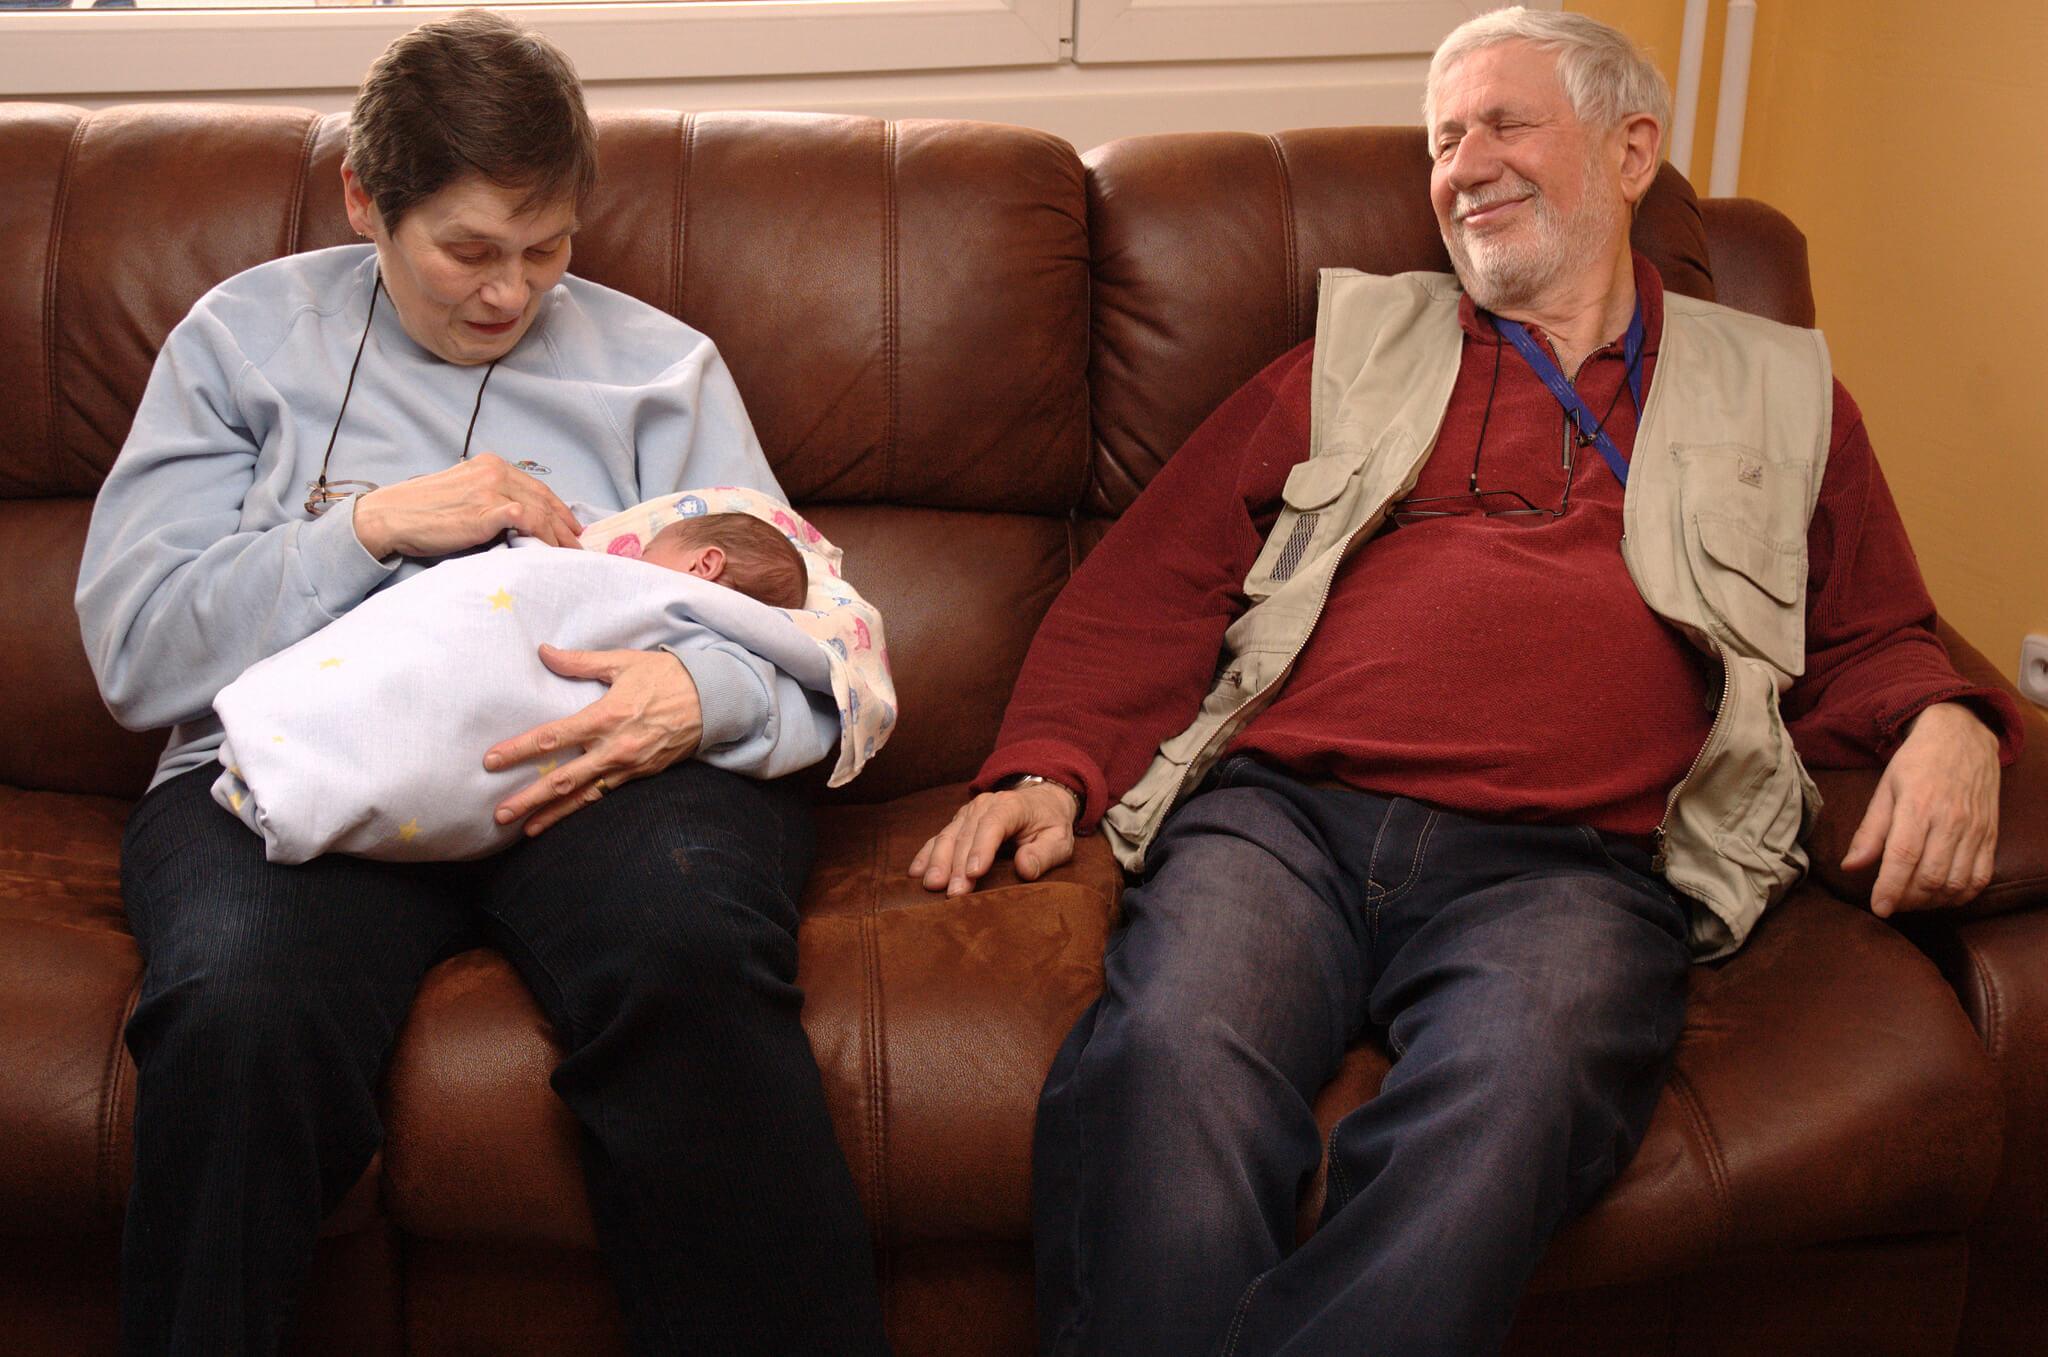 Ce rol au bunicii?